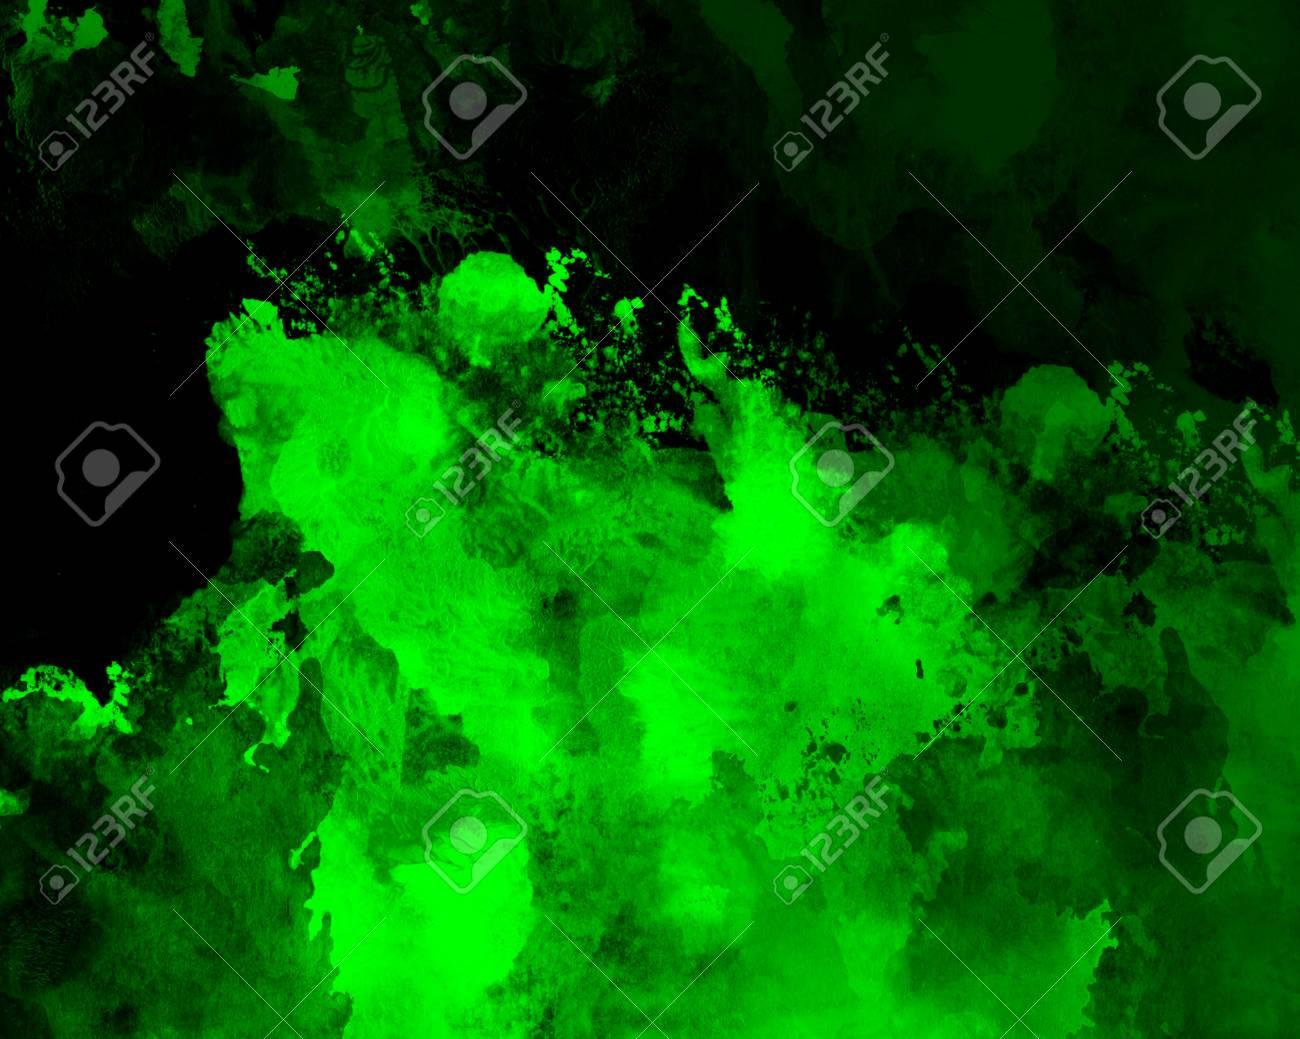 Fond Vert Grunge Aquarelle Graphique Decoration Abstraite